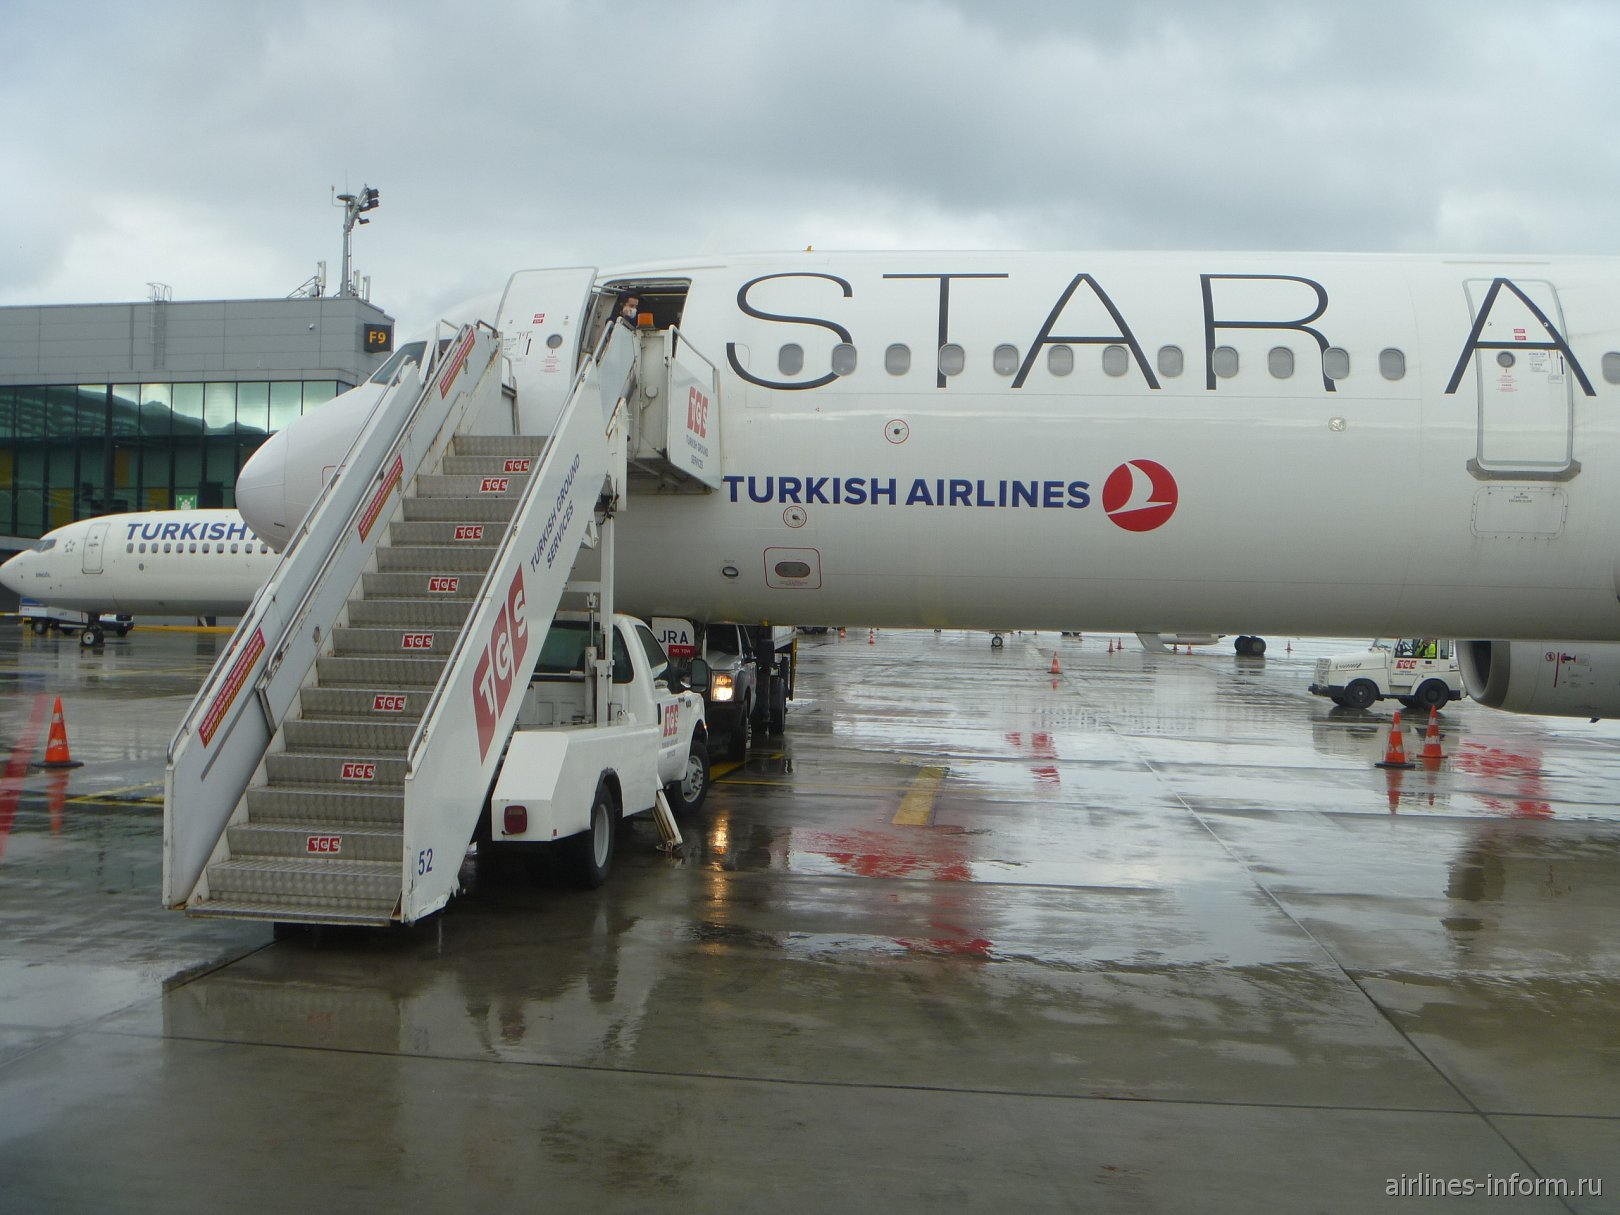 Поздней осенью по Турции. Часть 4. Анталья - Стамбул (IST) на Airbus A321 Turkish Airlines.